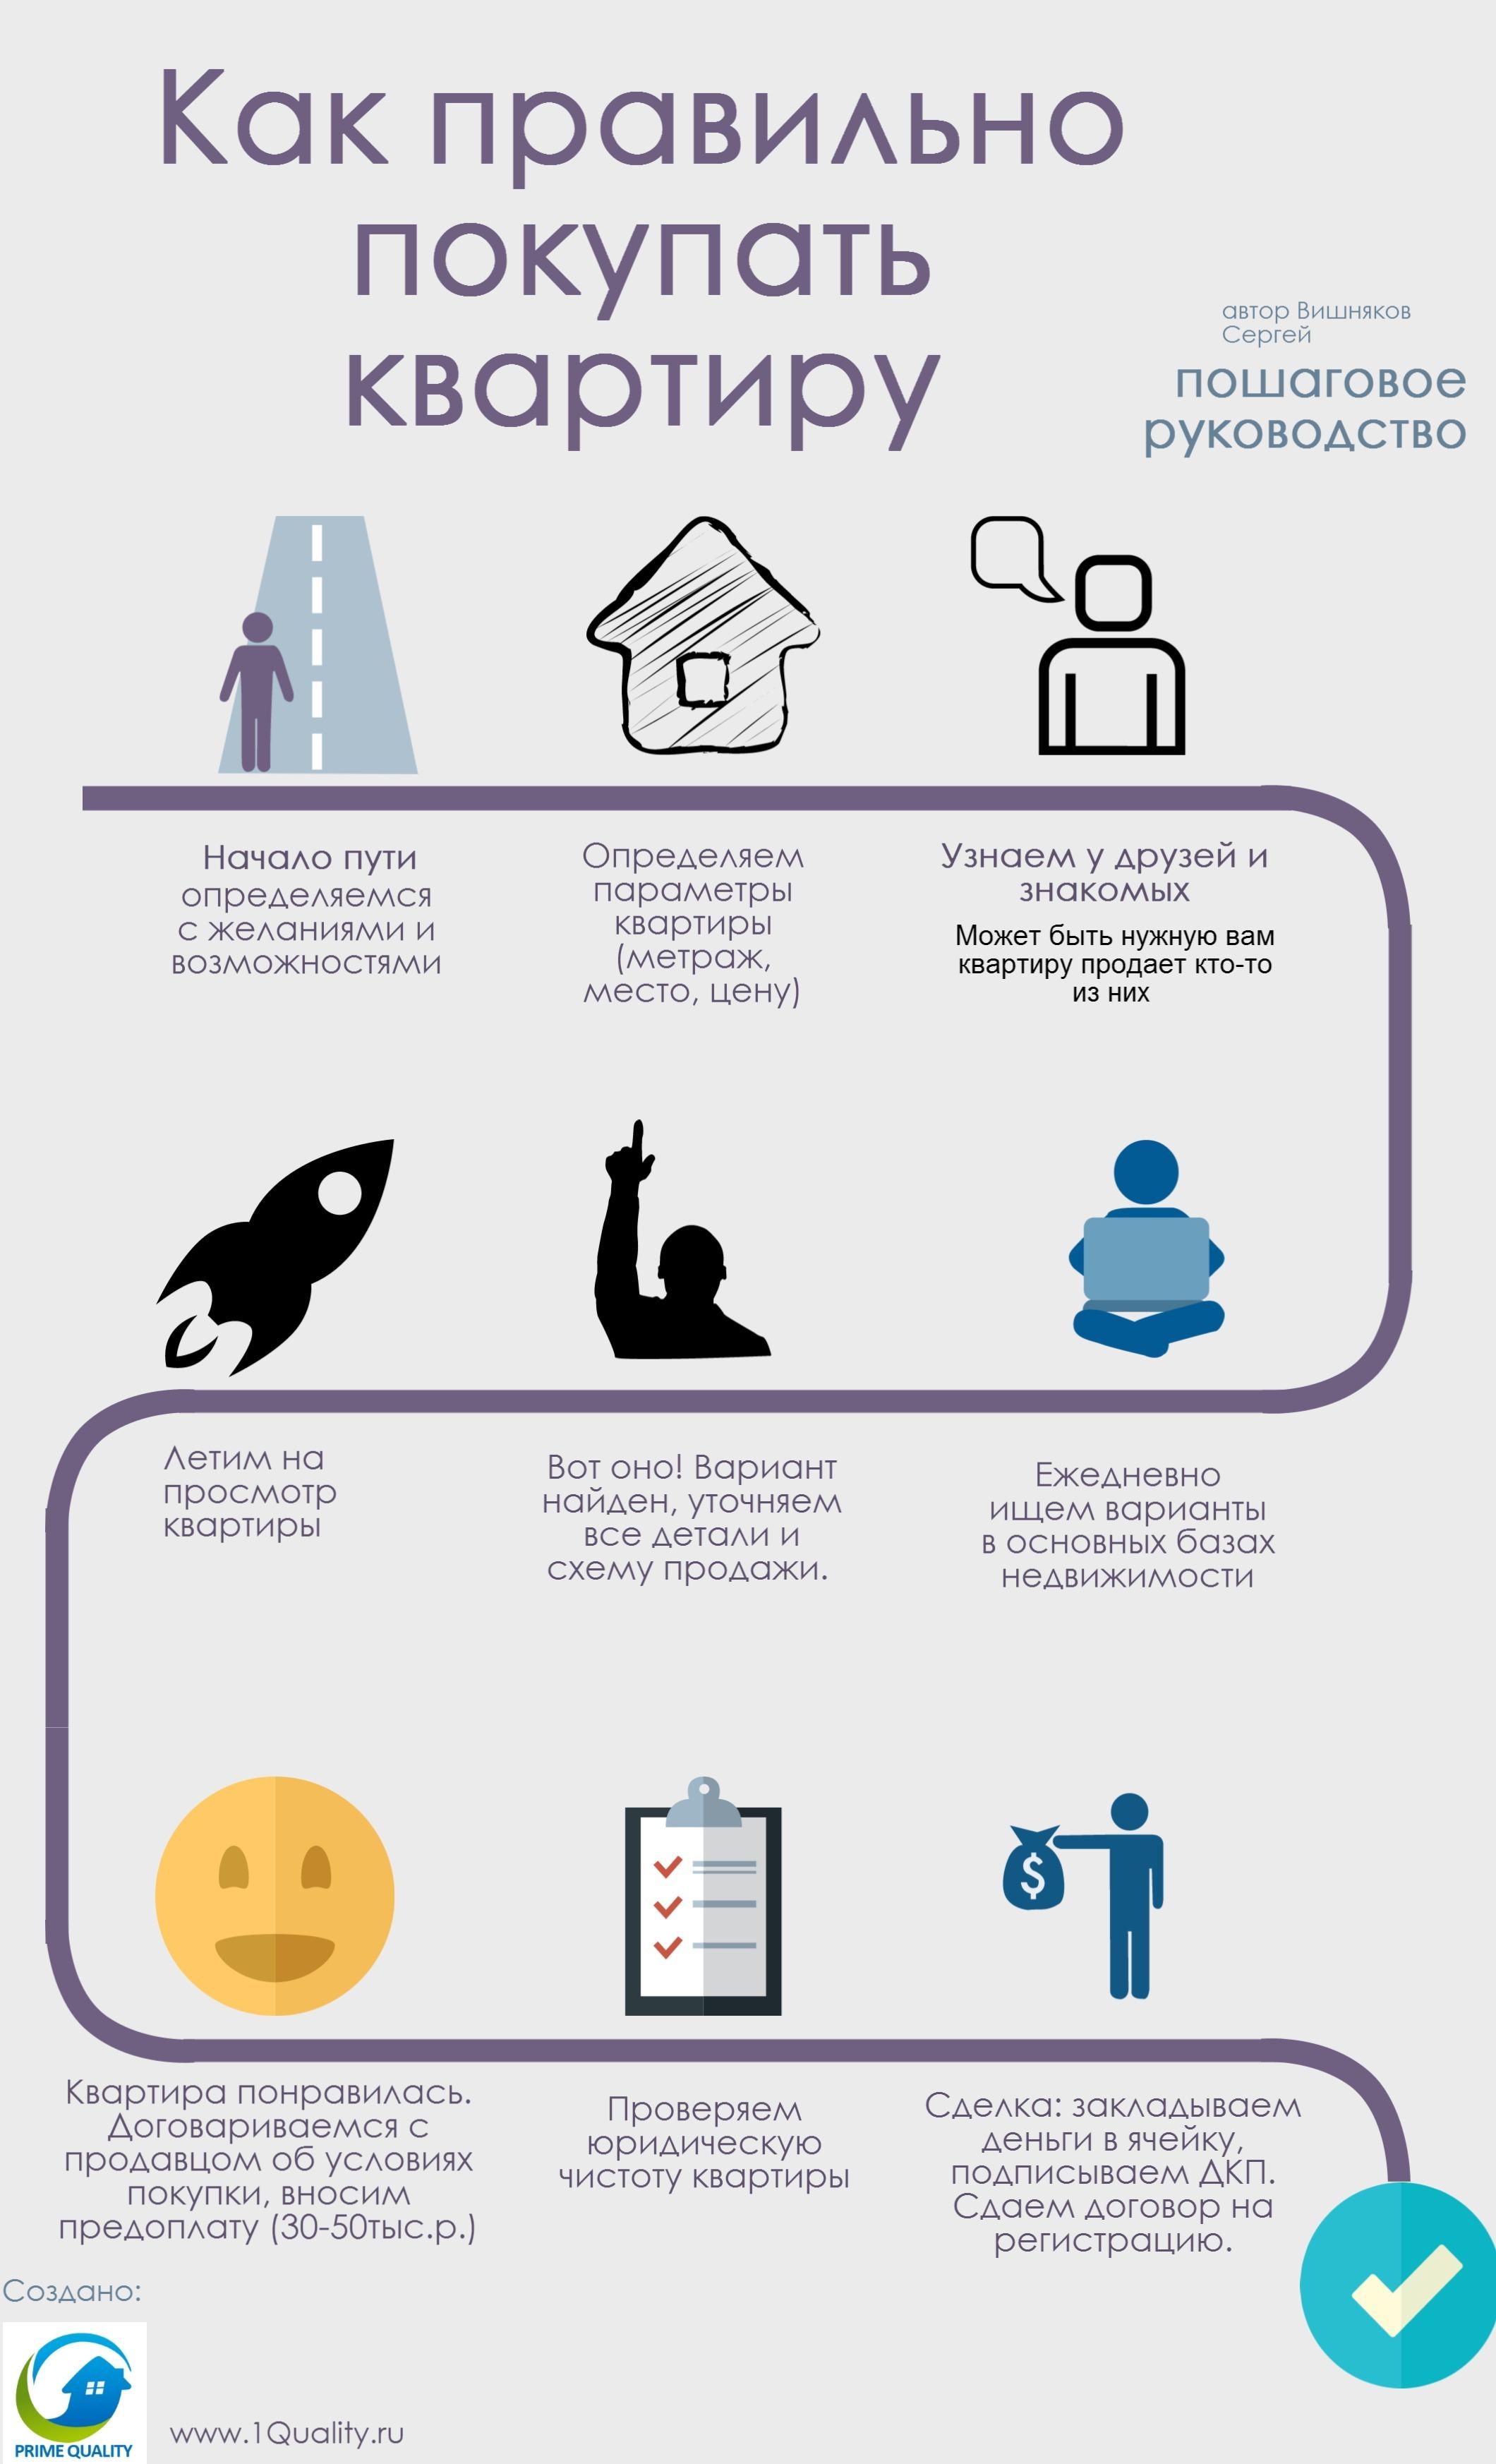 Продажа квартиры пошаговая инструкция для продавца